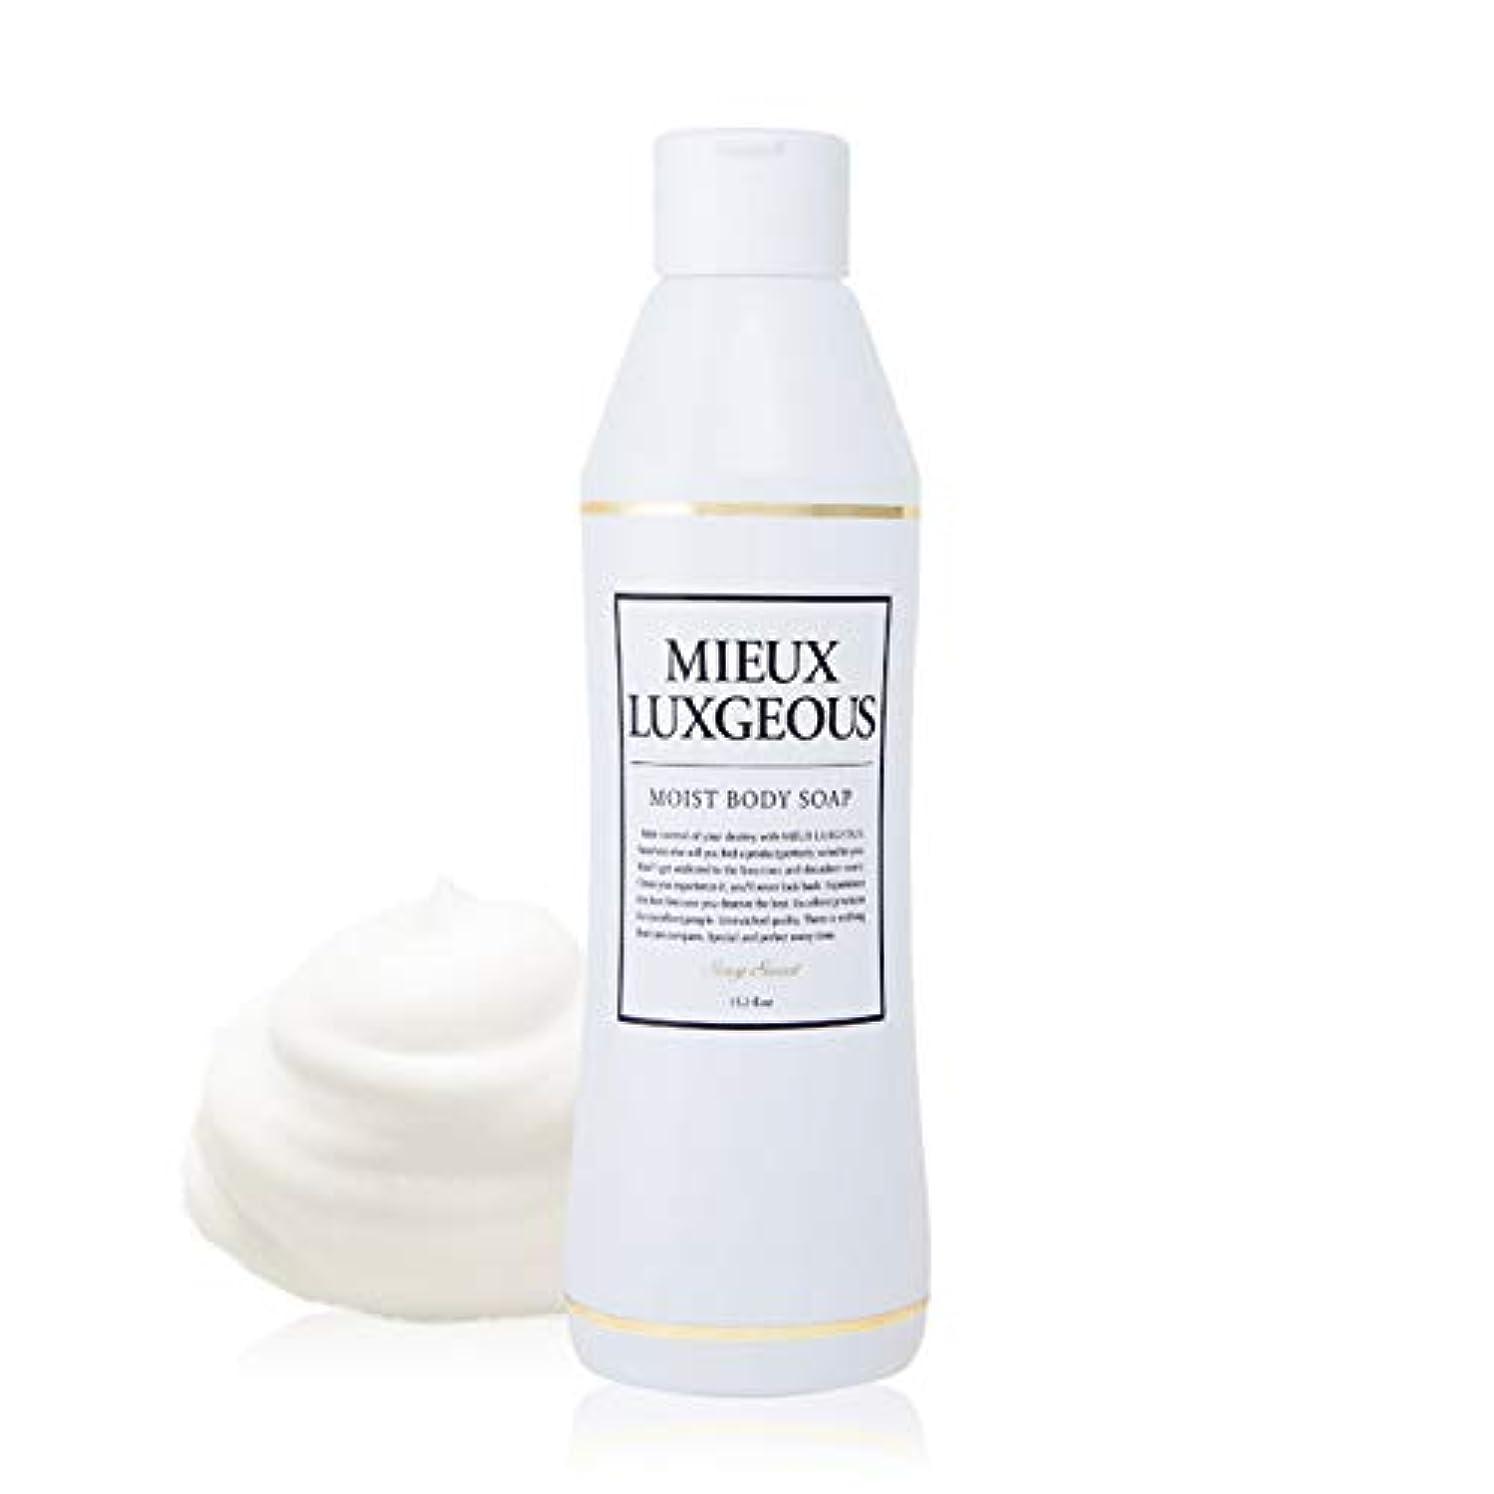 パキスタン人問題ドラゴンミューラグジャス モイストボディソープ MOIST BODY SOAP - Sexy Sweetの香り